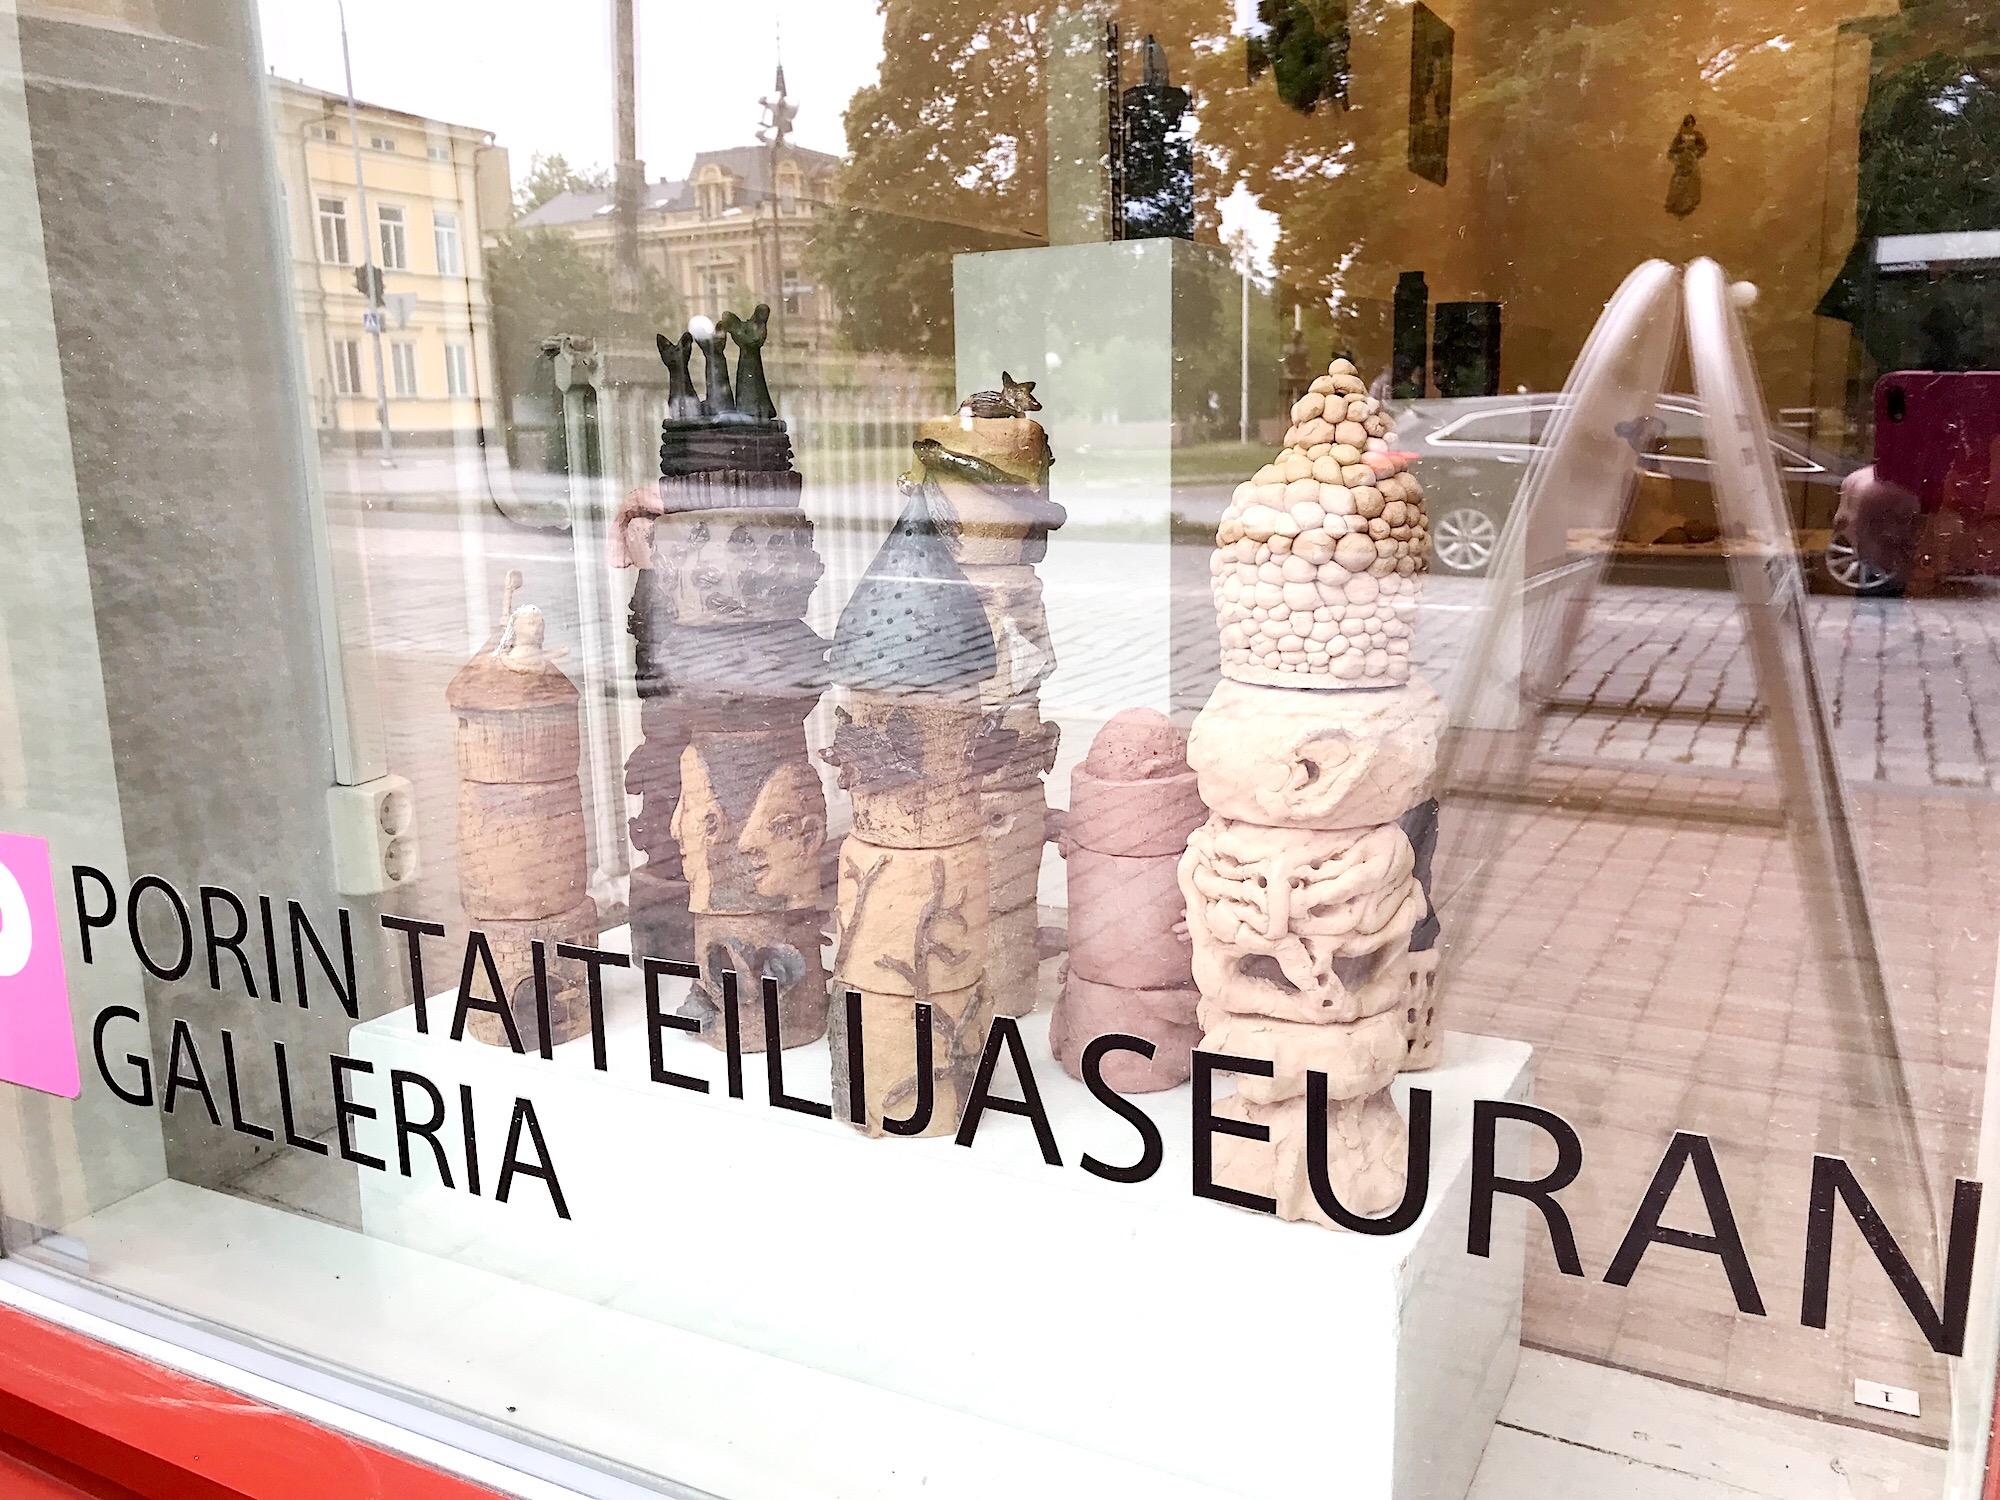 P-gallerian ikkunassa raumalaisen Keramos ry:n taidetta elokuussa 2019. (Kuva Hanna Valtokivi)